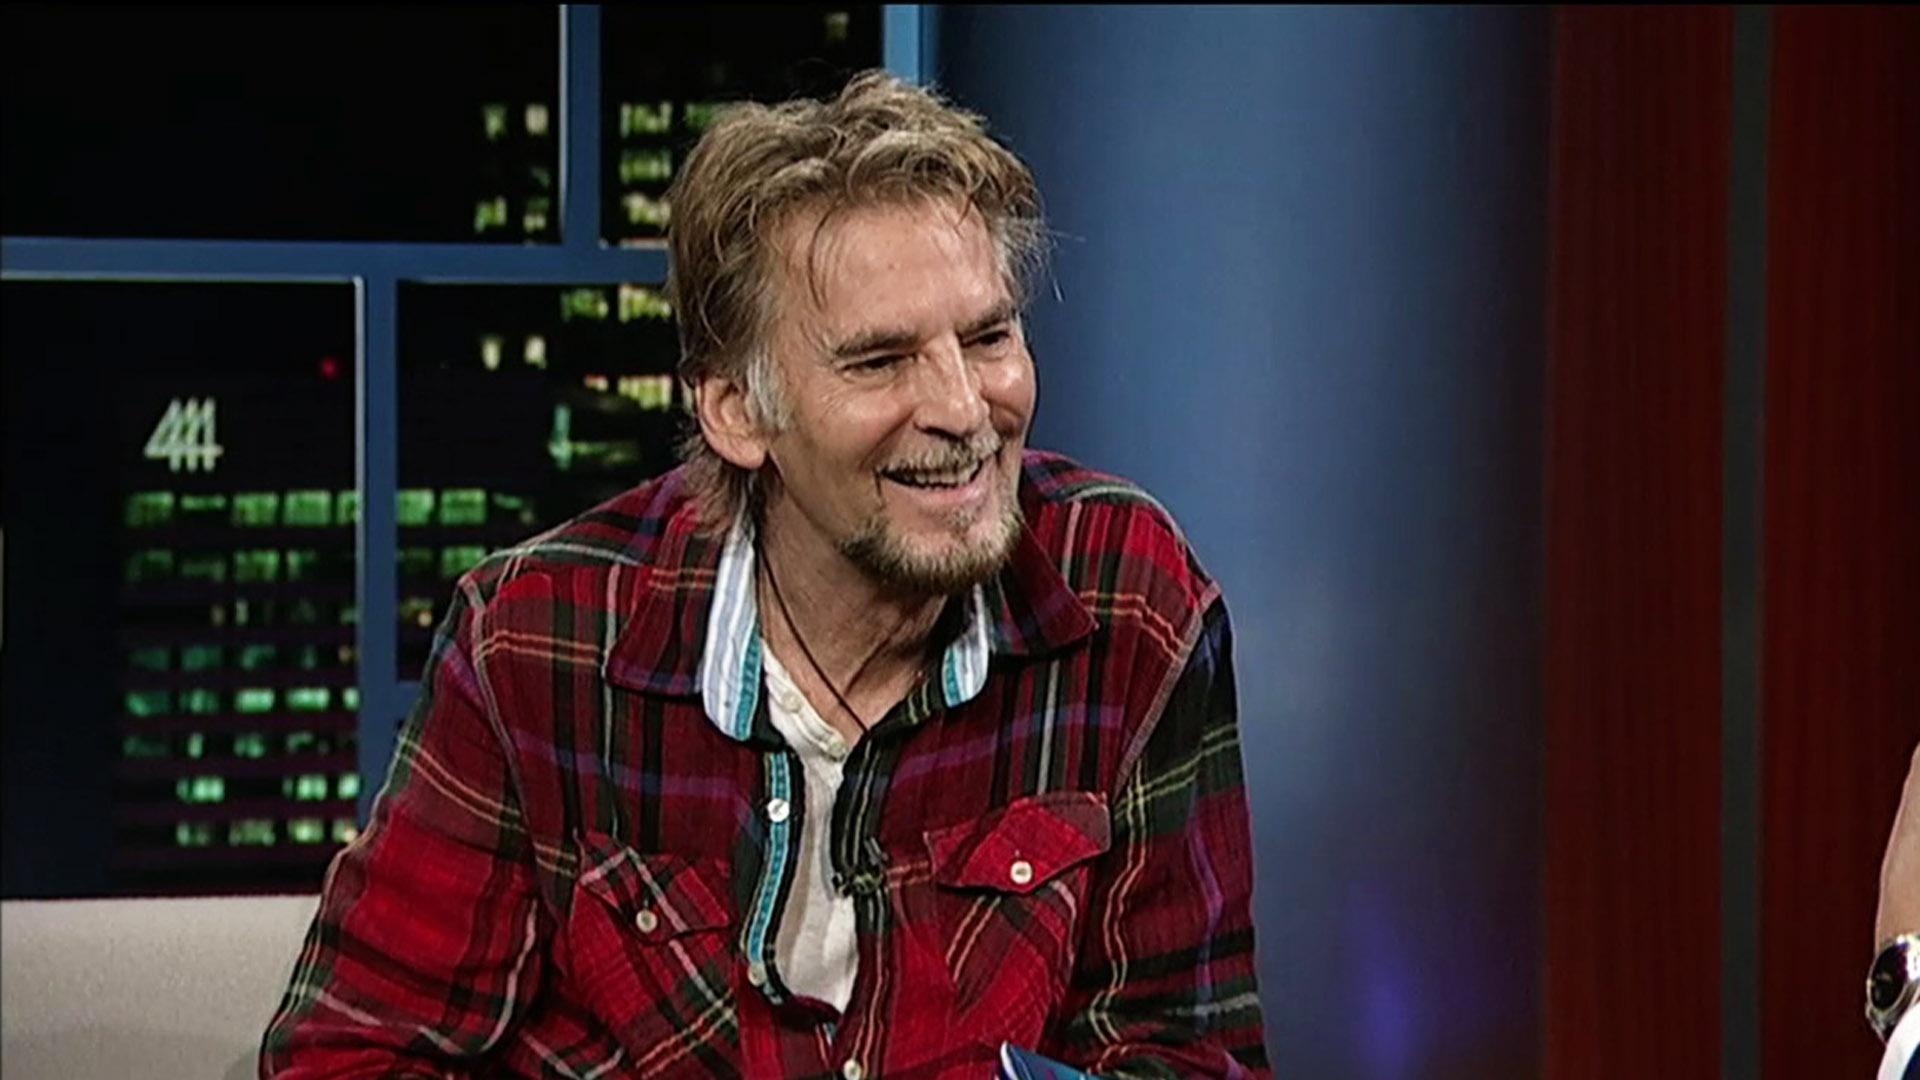 Singer-songwriter Kenny Loggins image